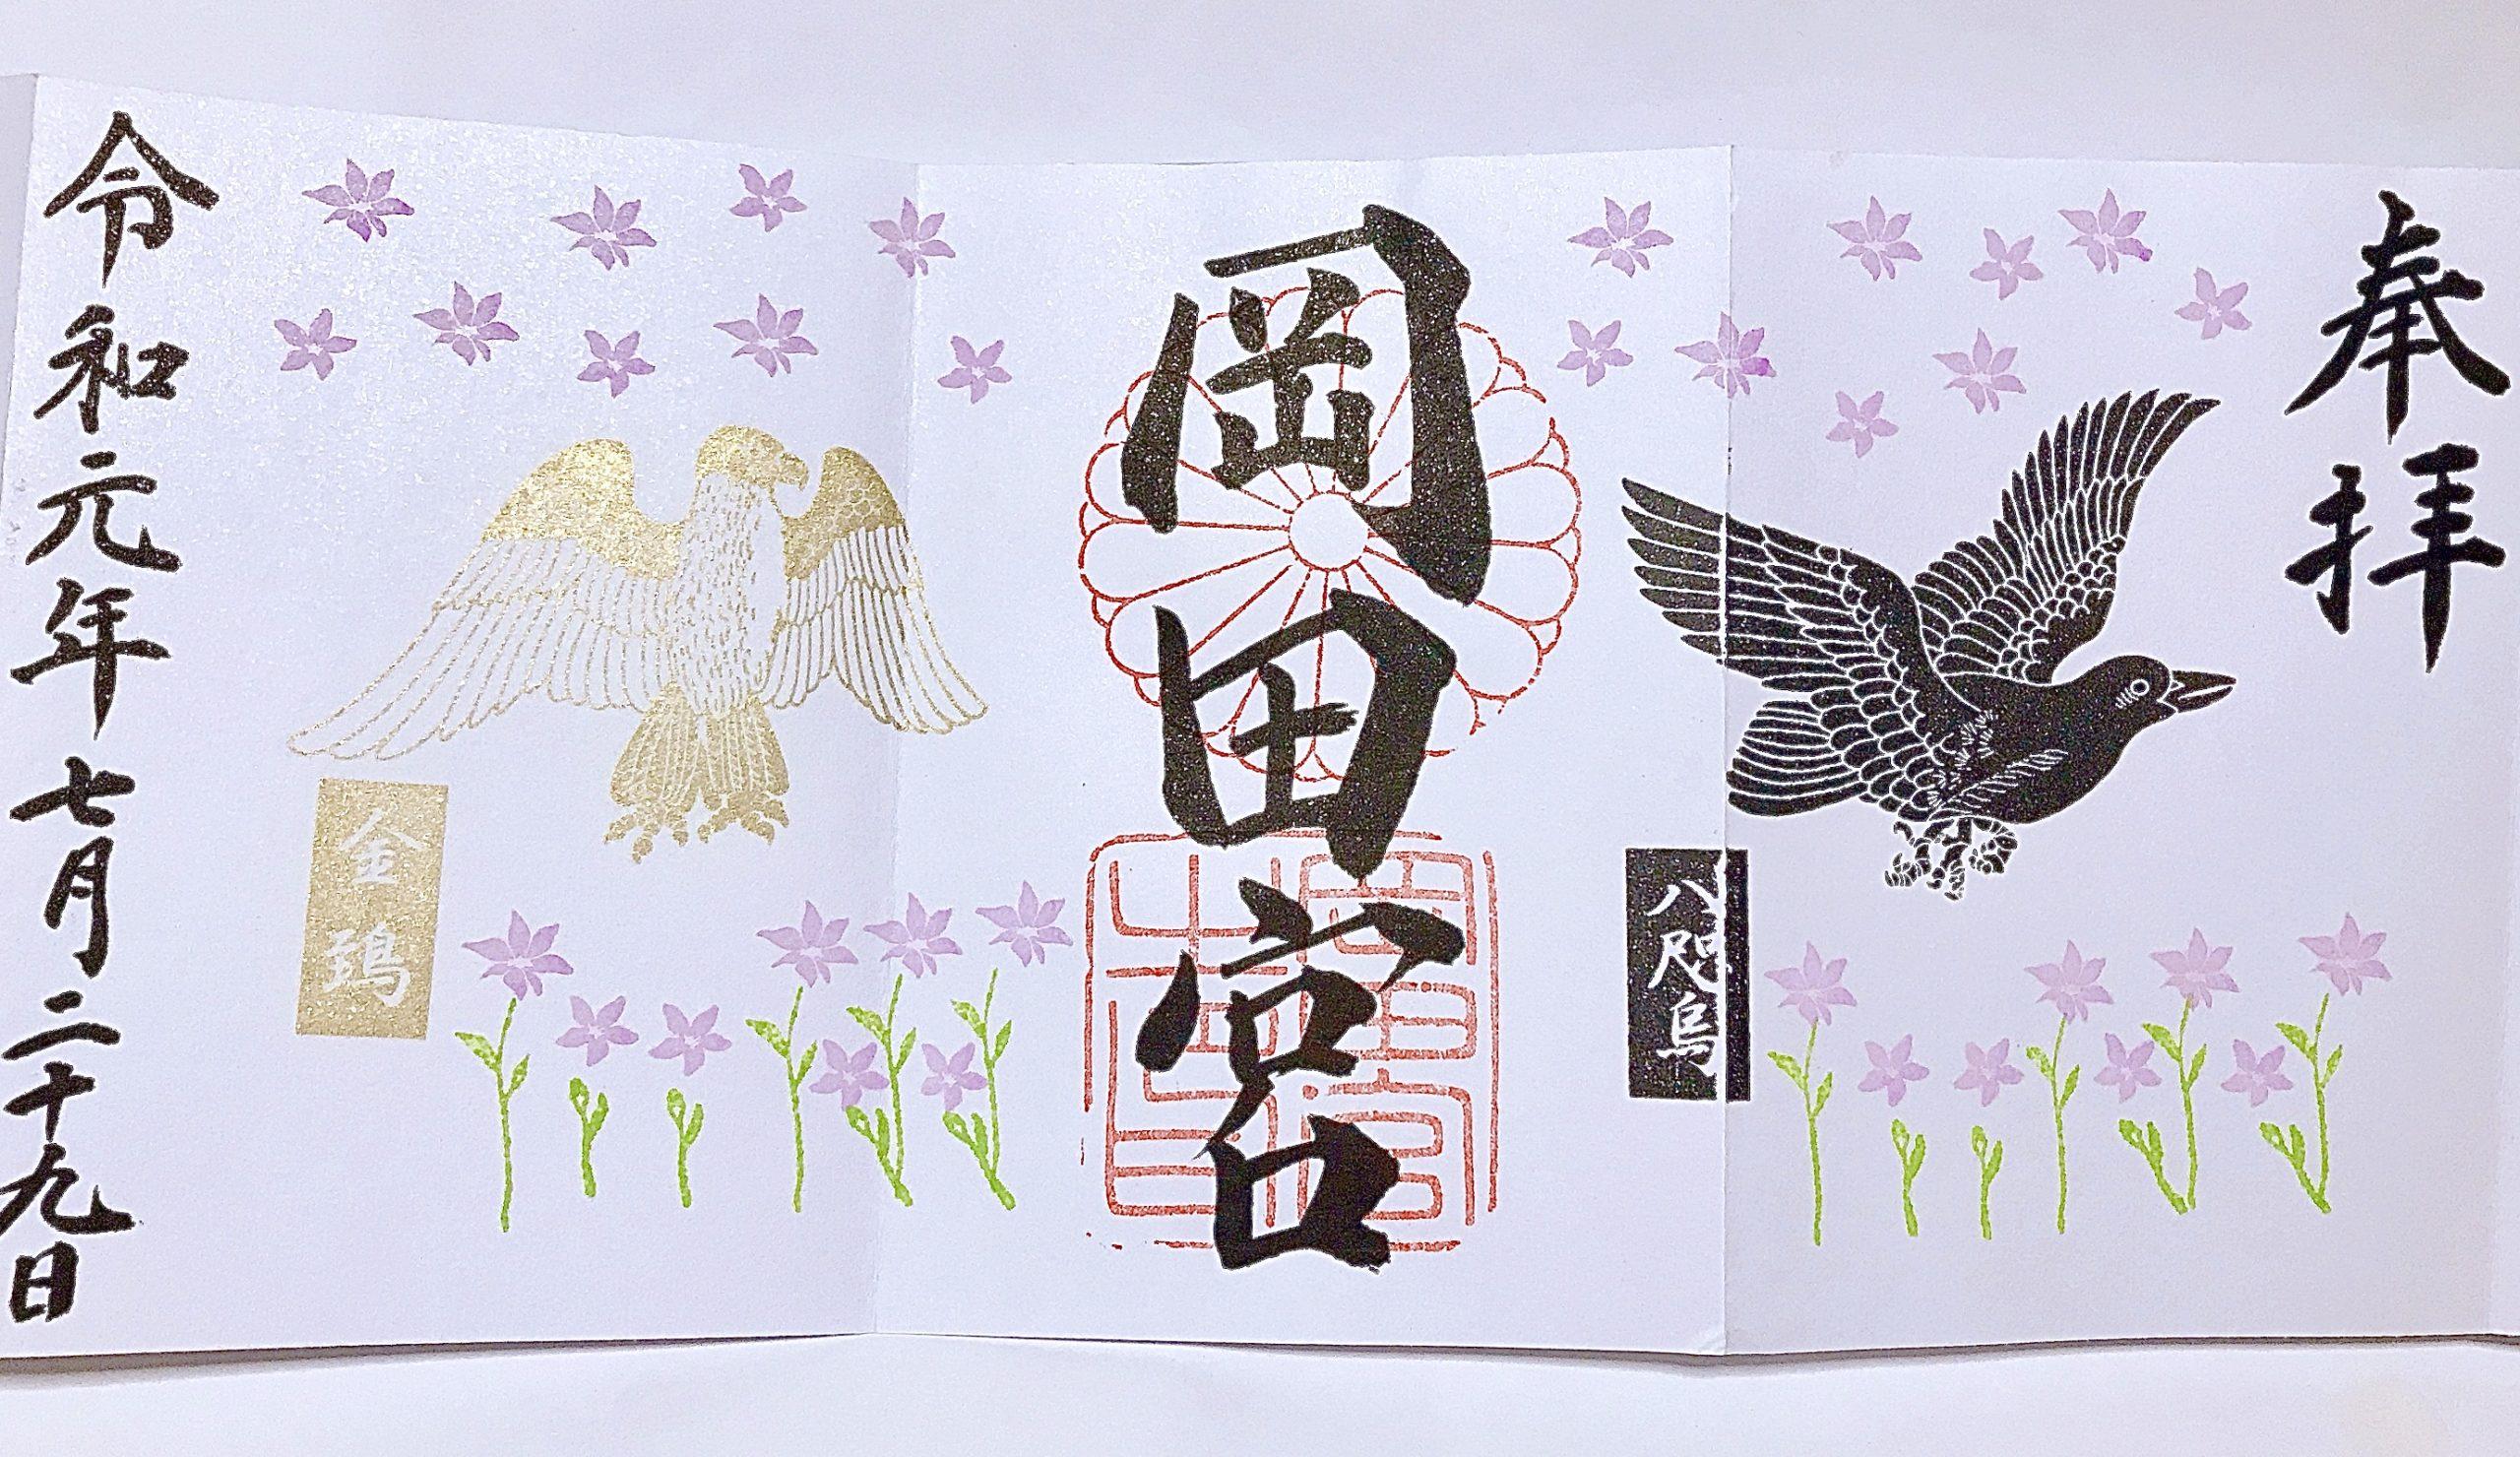 岡田宮の季節限定御朱印、見開きでカラフル、珍しい御朱印!